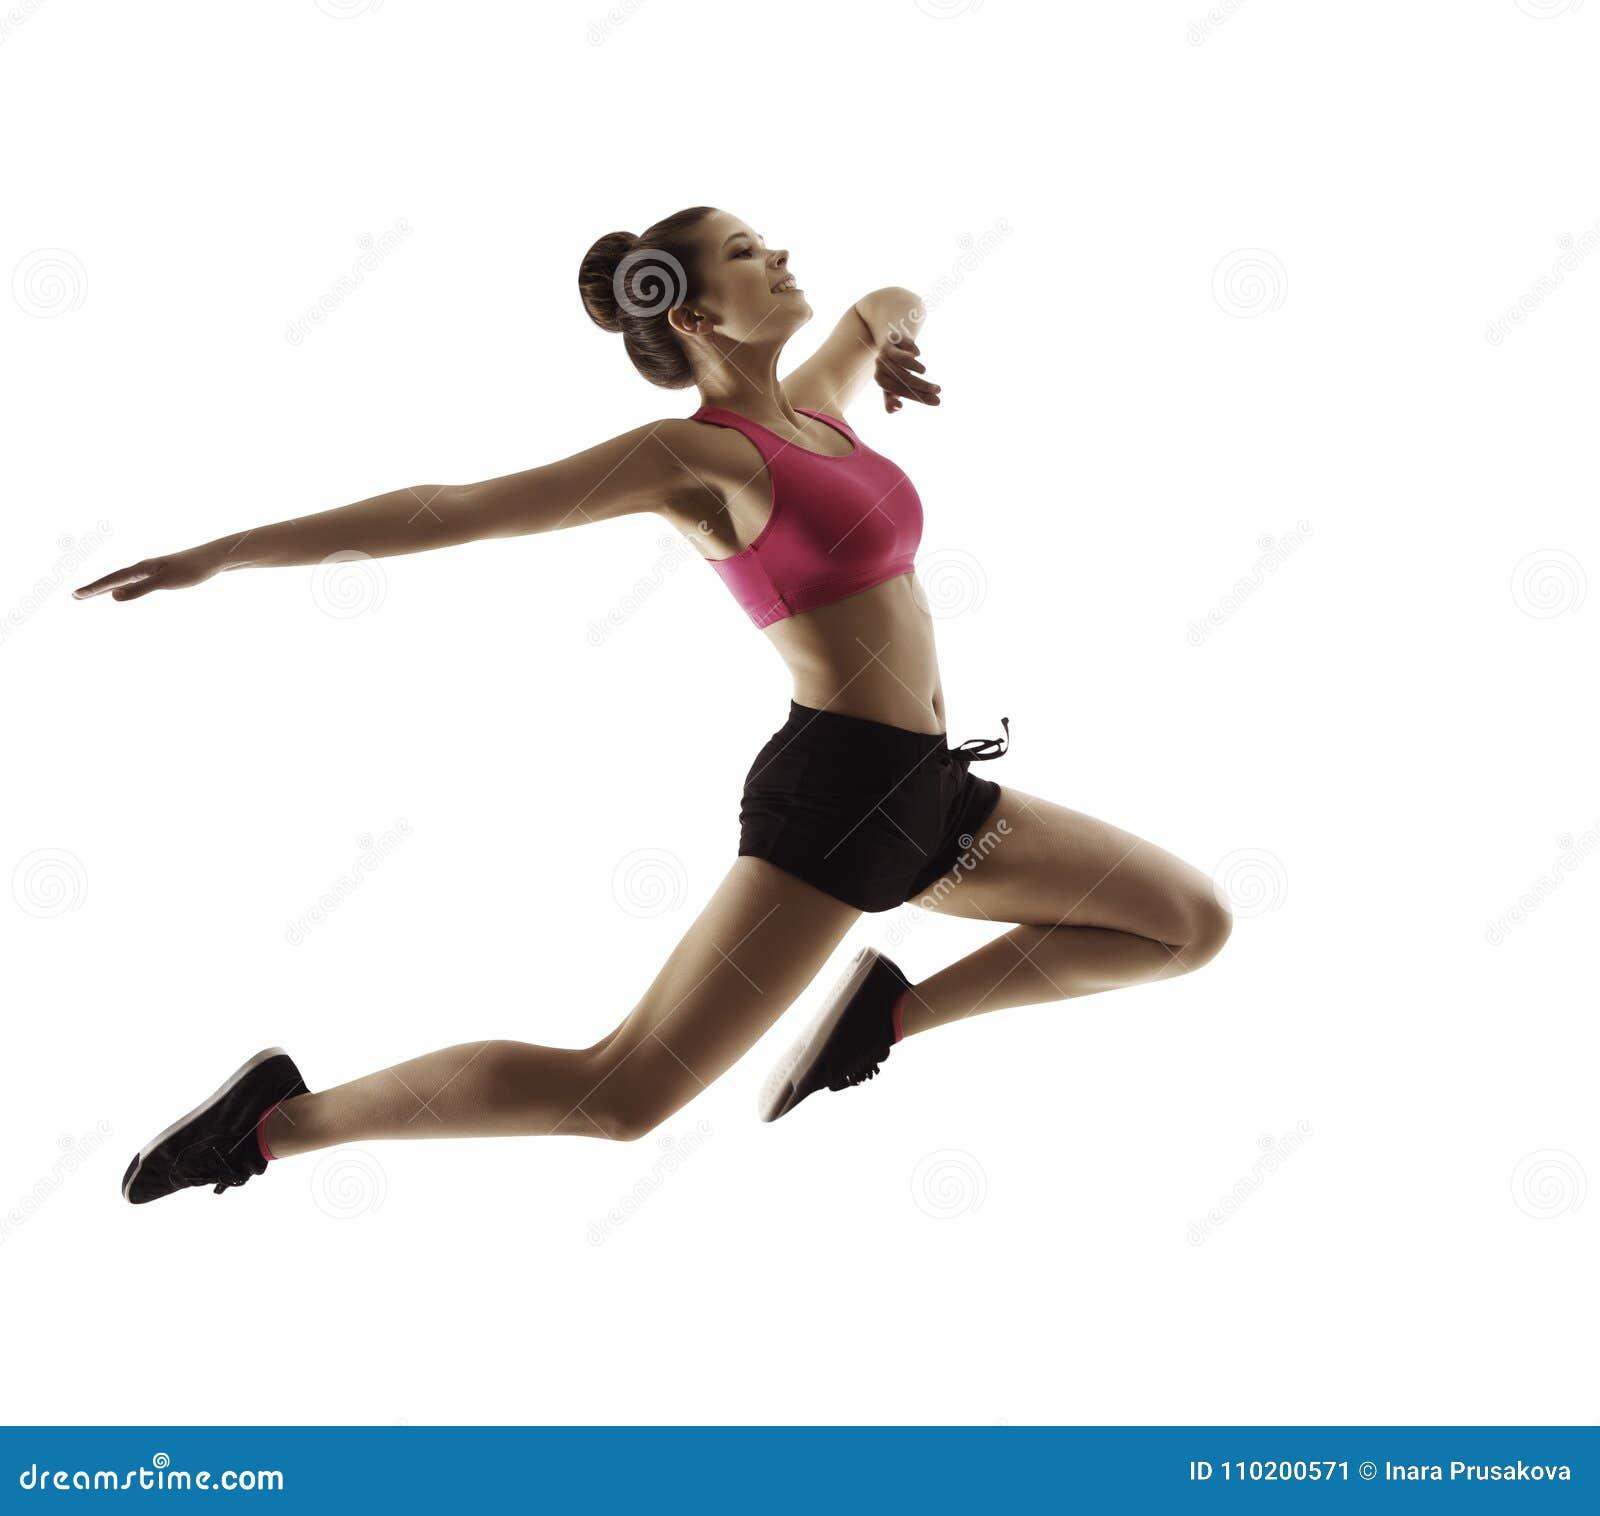 Springende Sport-Frau, glückliches Eignungs-Mädchen im Sprung, aktive Leute